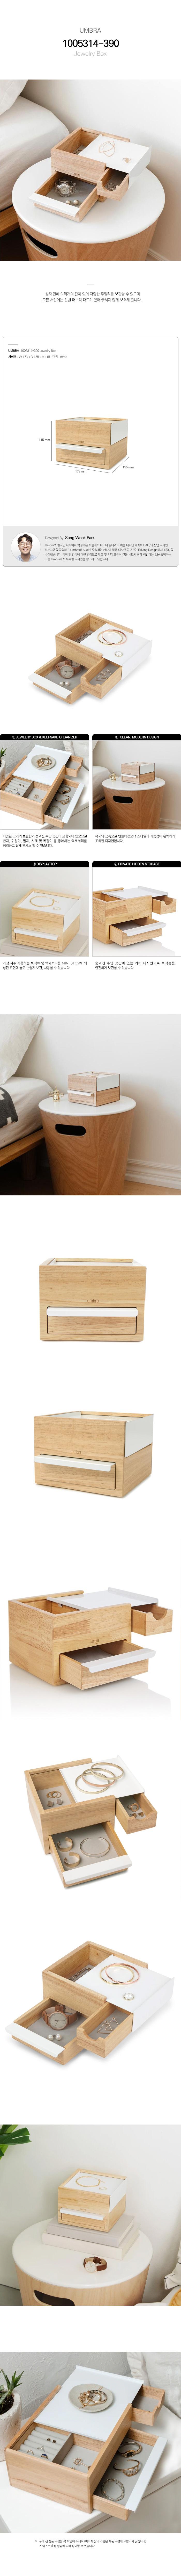 Mini-Stowit-Natural-Jewelry-Box_180403.j